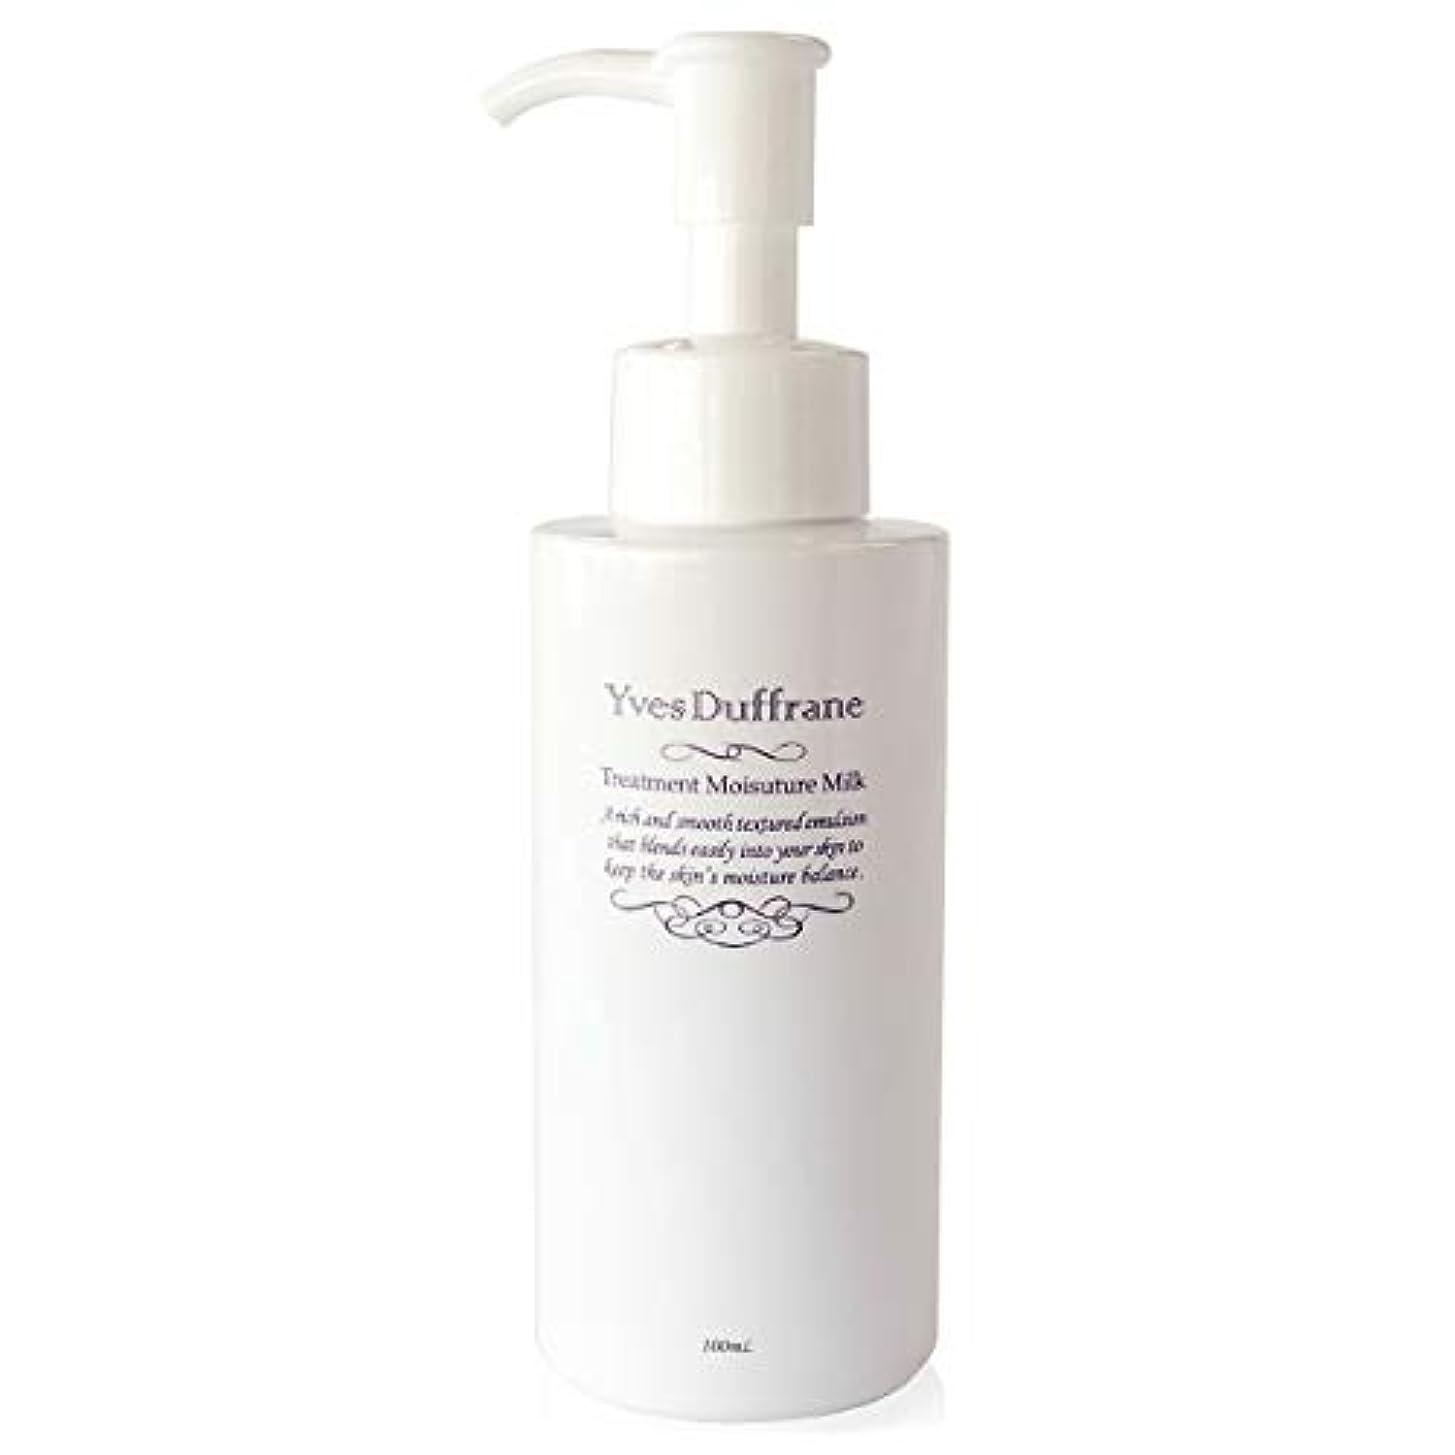 相談台無しにナチュラル乳液/セラミド アミノ酸 配合 [ 美容乳液 ] 増粘剤不使用 保湿 乾燥?敏感肌対応